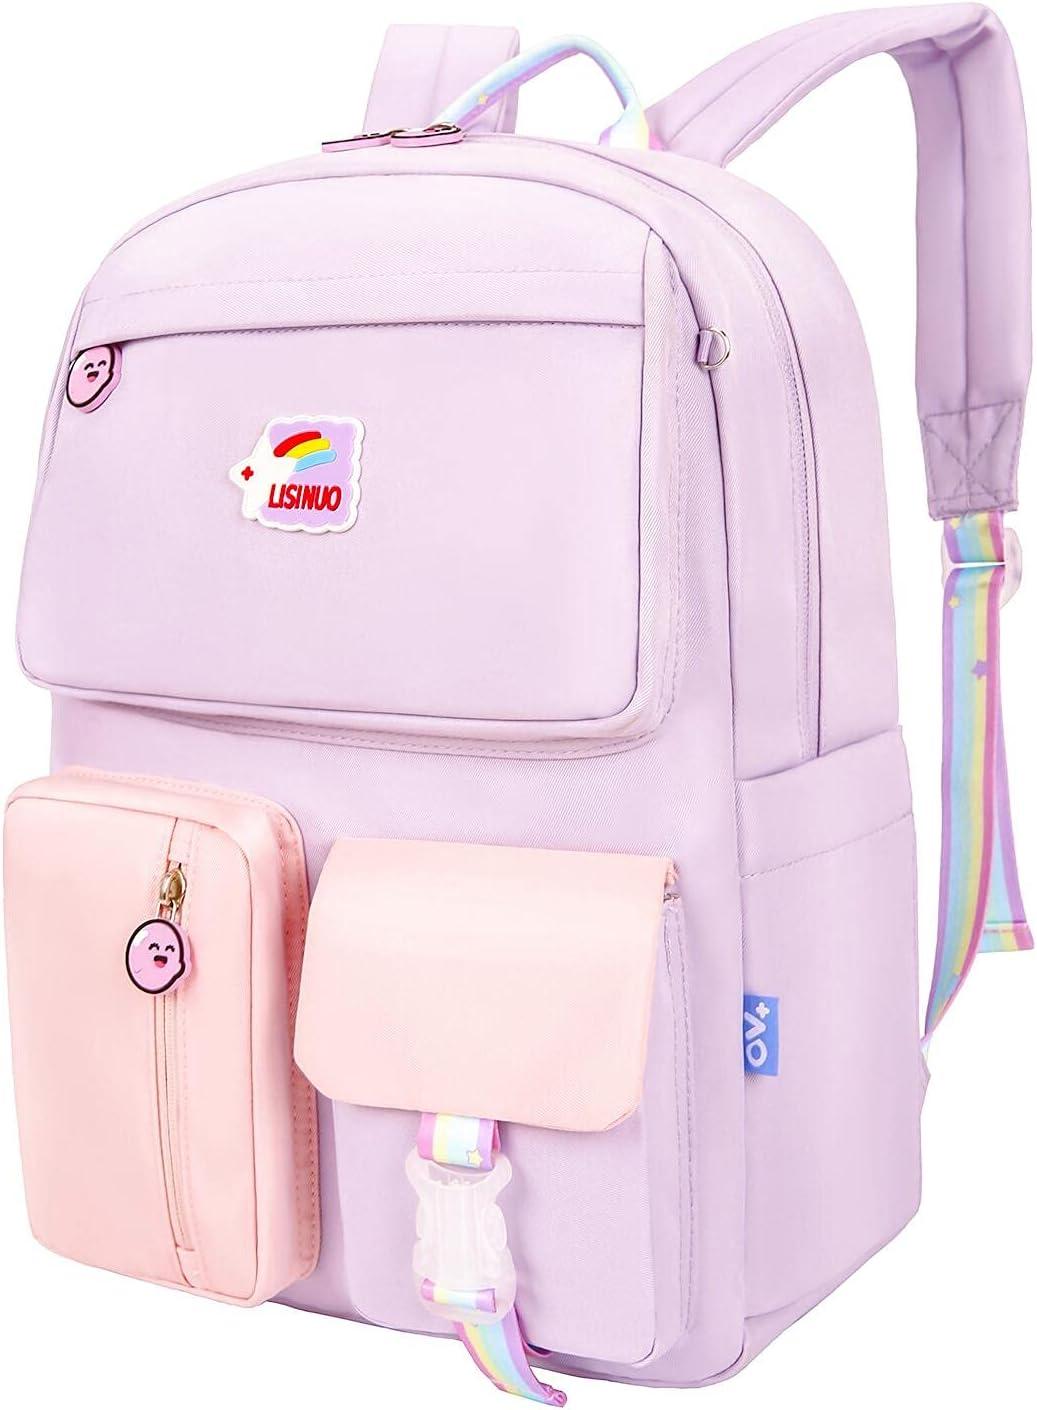 New life LISINUO Backpack for OFFicial Girls Kids Schoolbag Bookbag Women Children